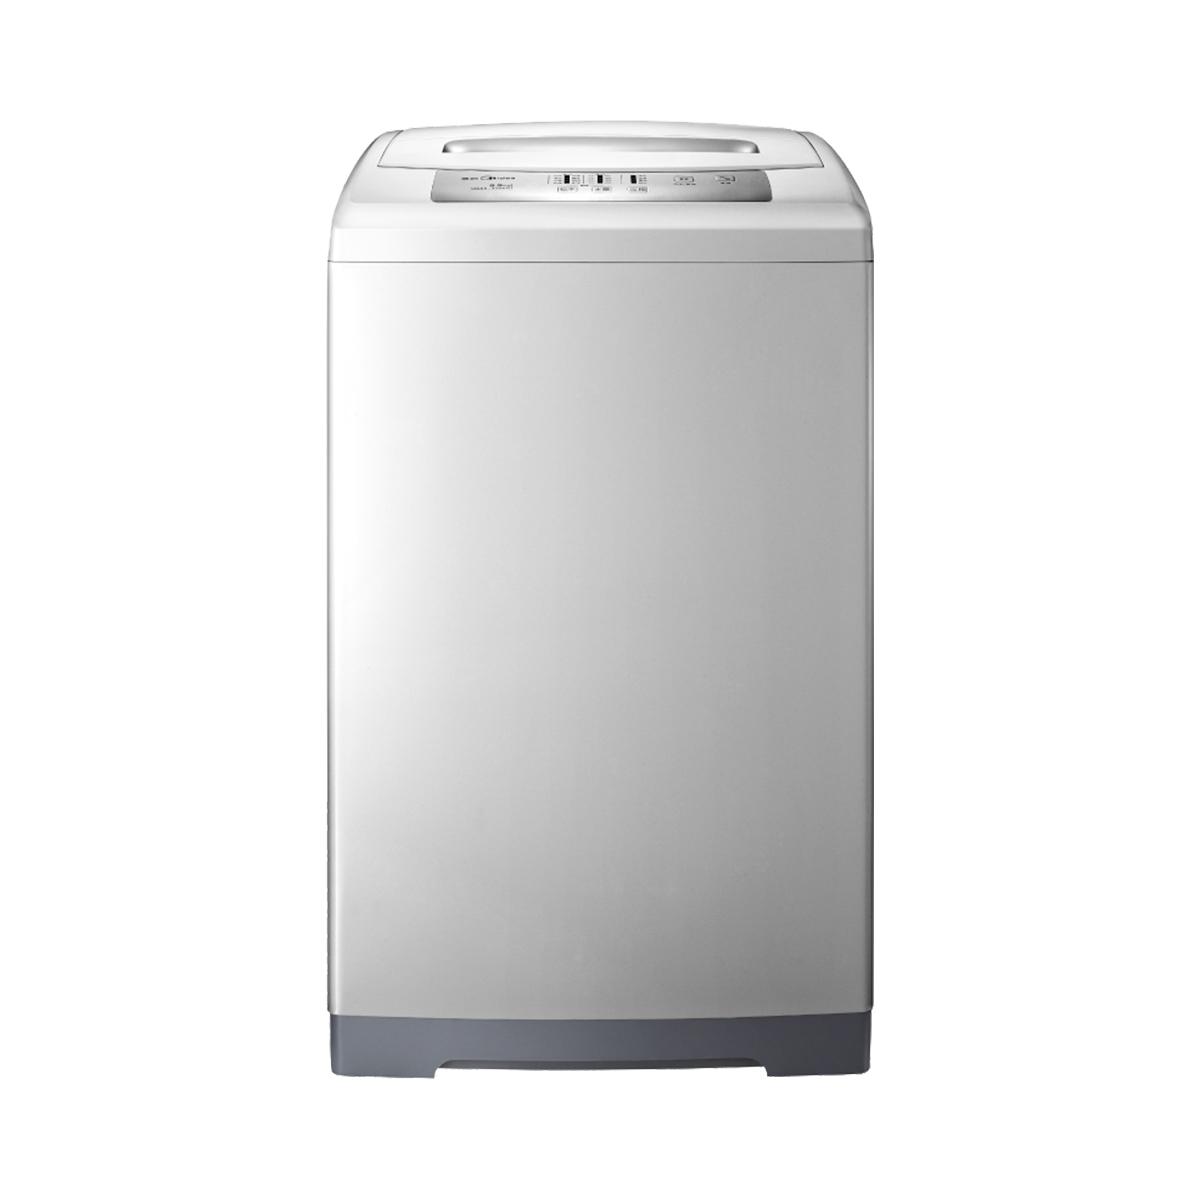 Midea/美的 MB55-3006G洗衣机 说明书.pdf